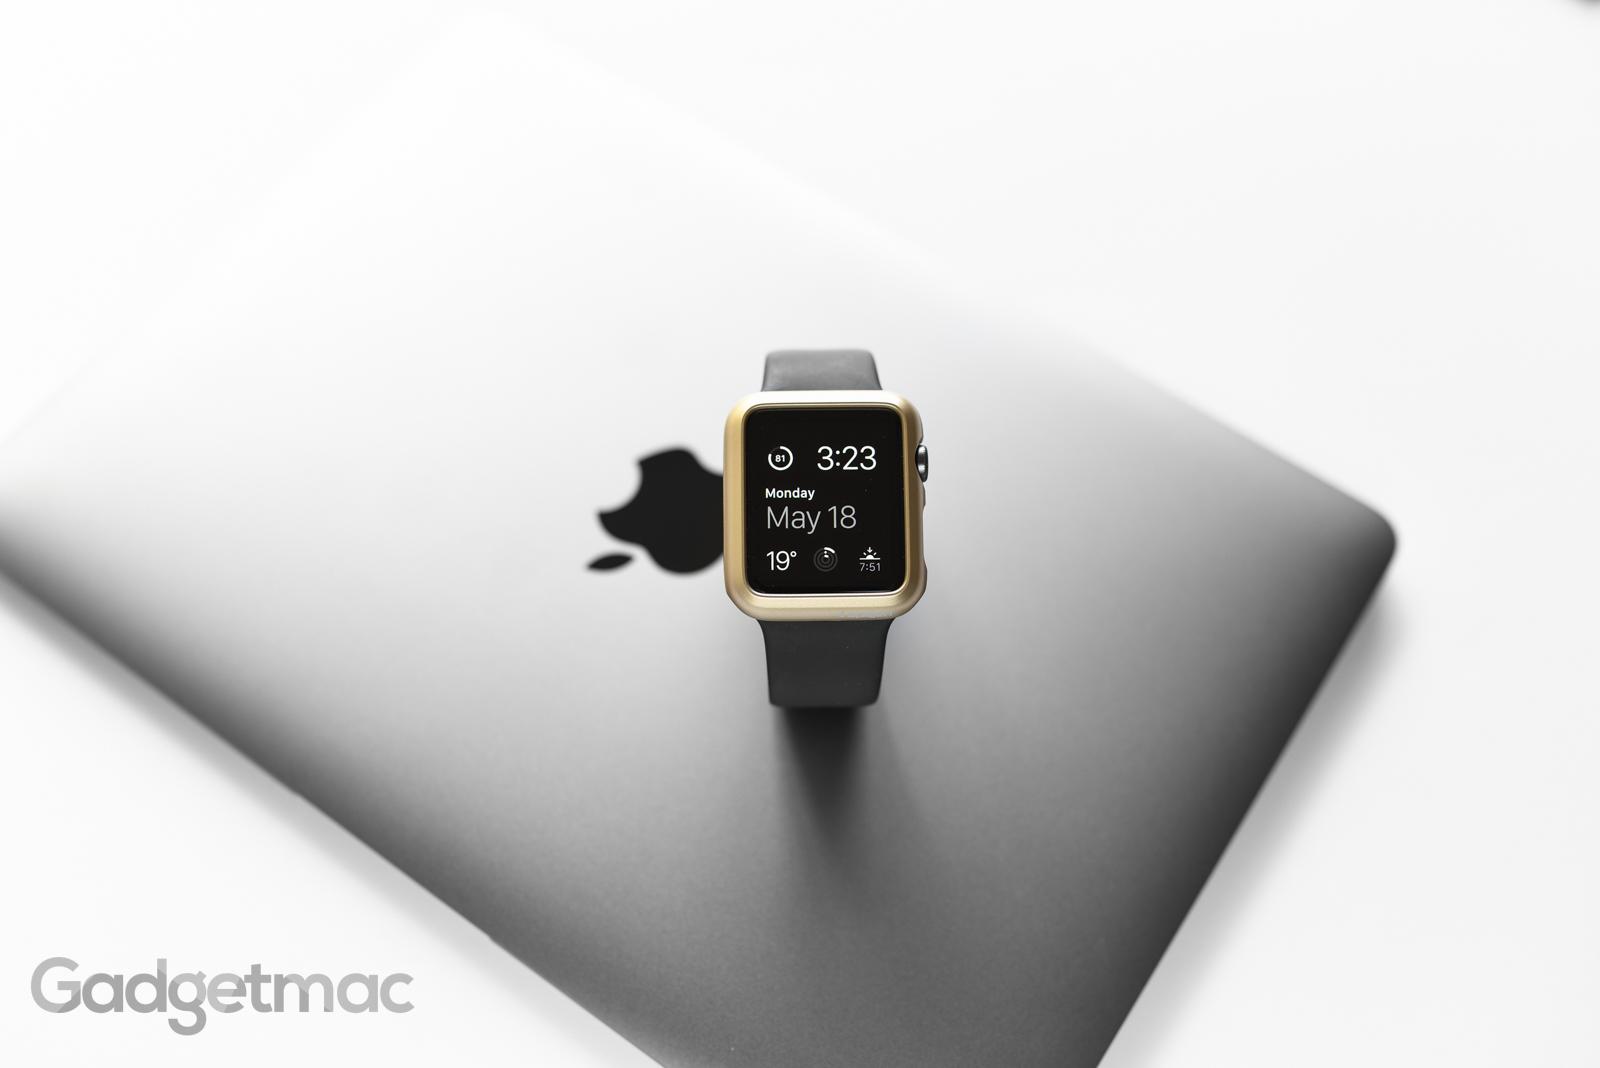 spigen-gold-thin-fit-apple-watch-case.jpg